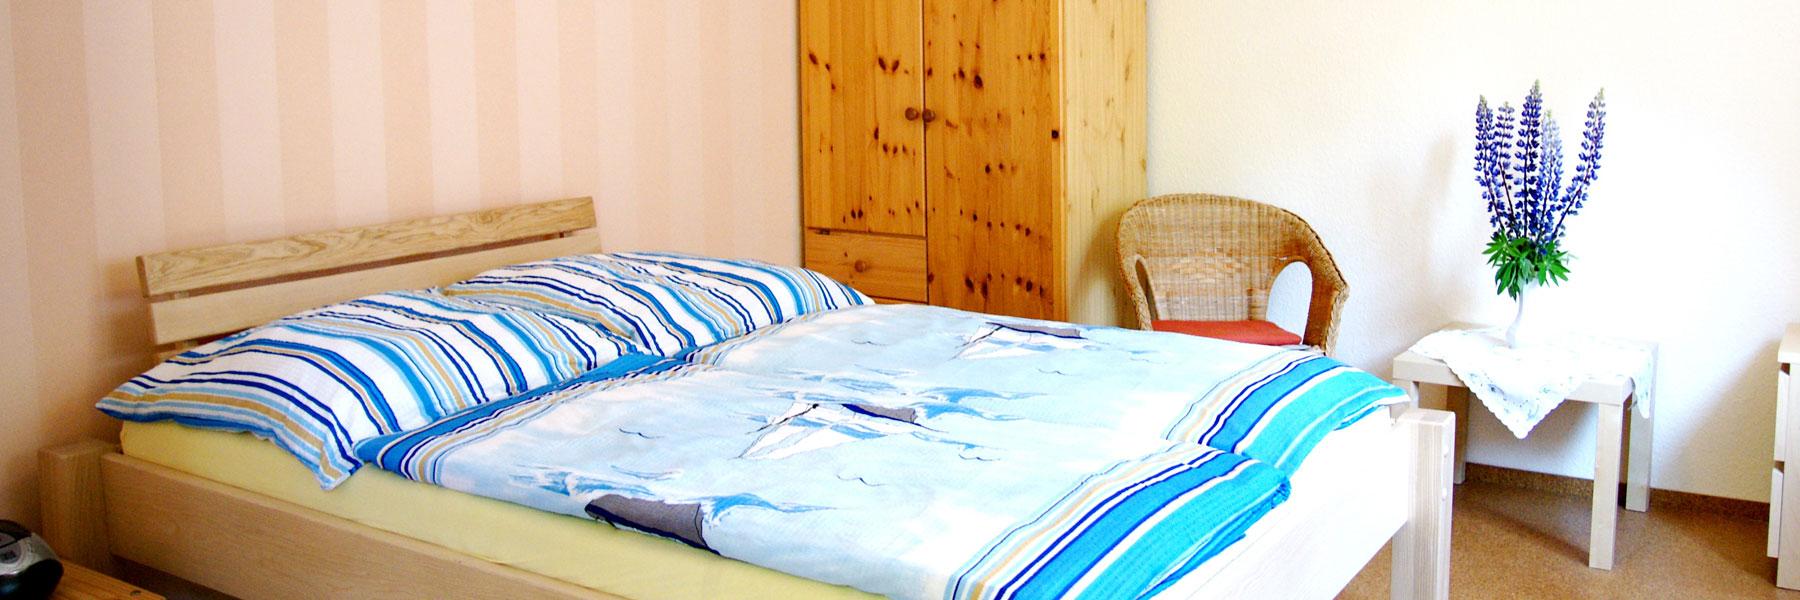 Schlafzimmer - Ferienwohnung Lubmin